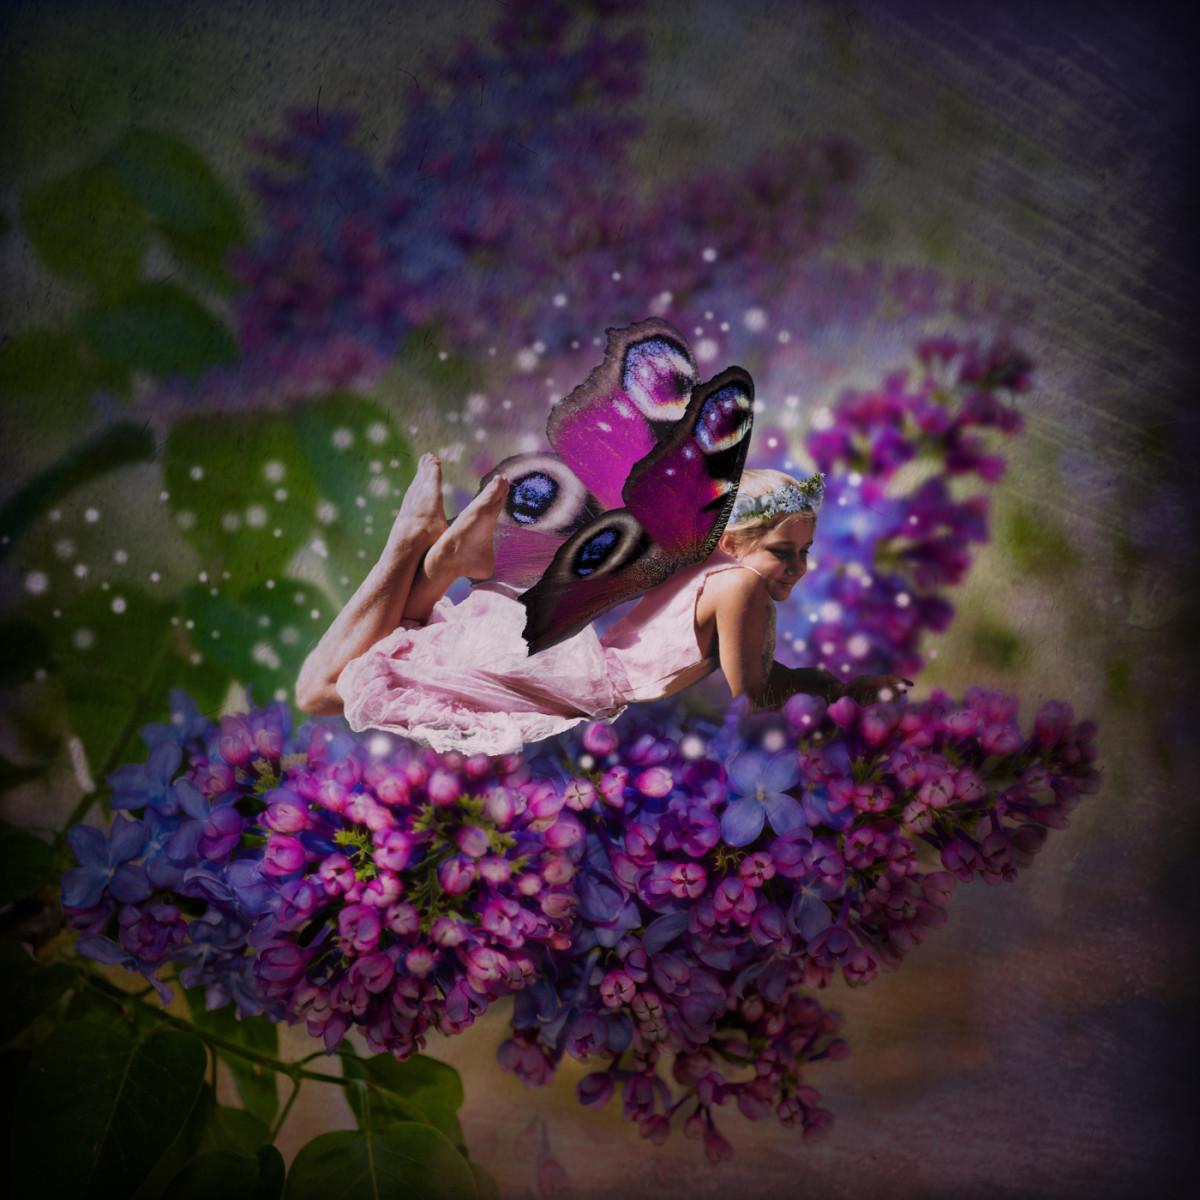 My niece Carrie as a fairy